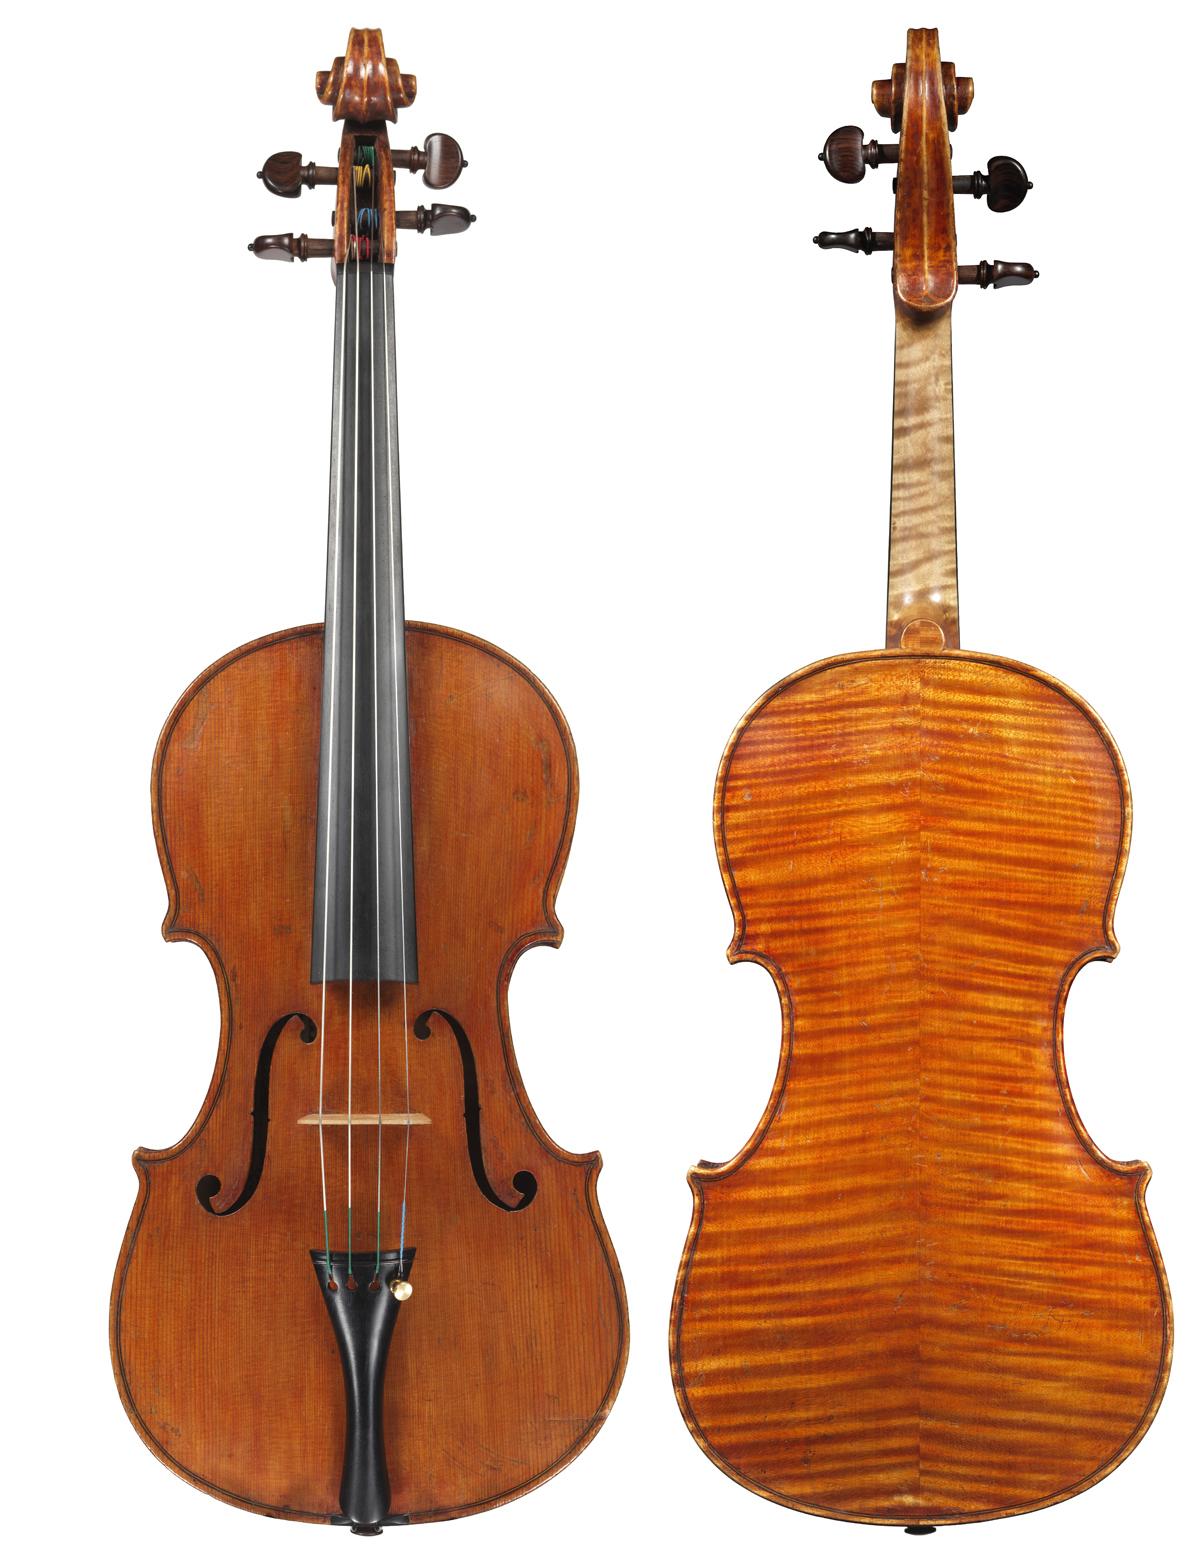 Viola by Stefano Scarampella